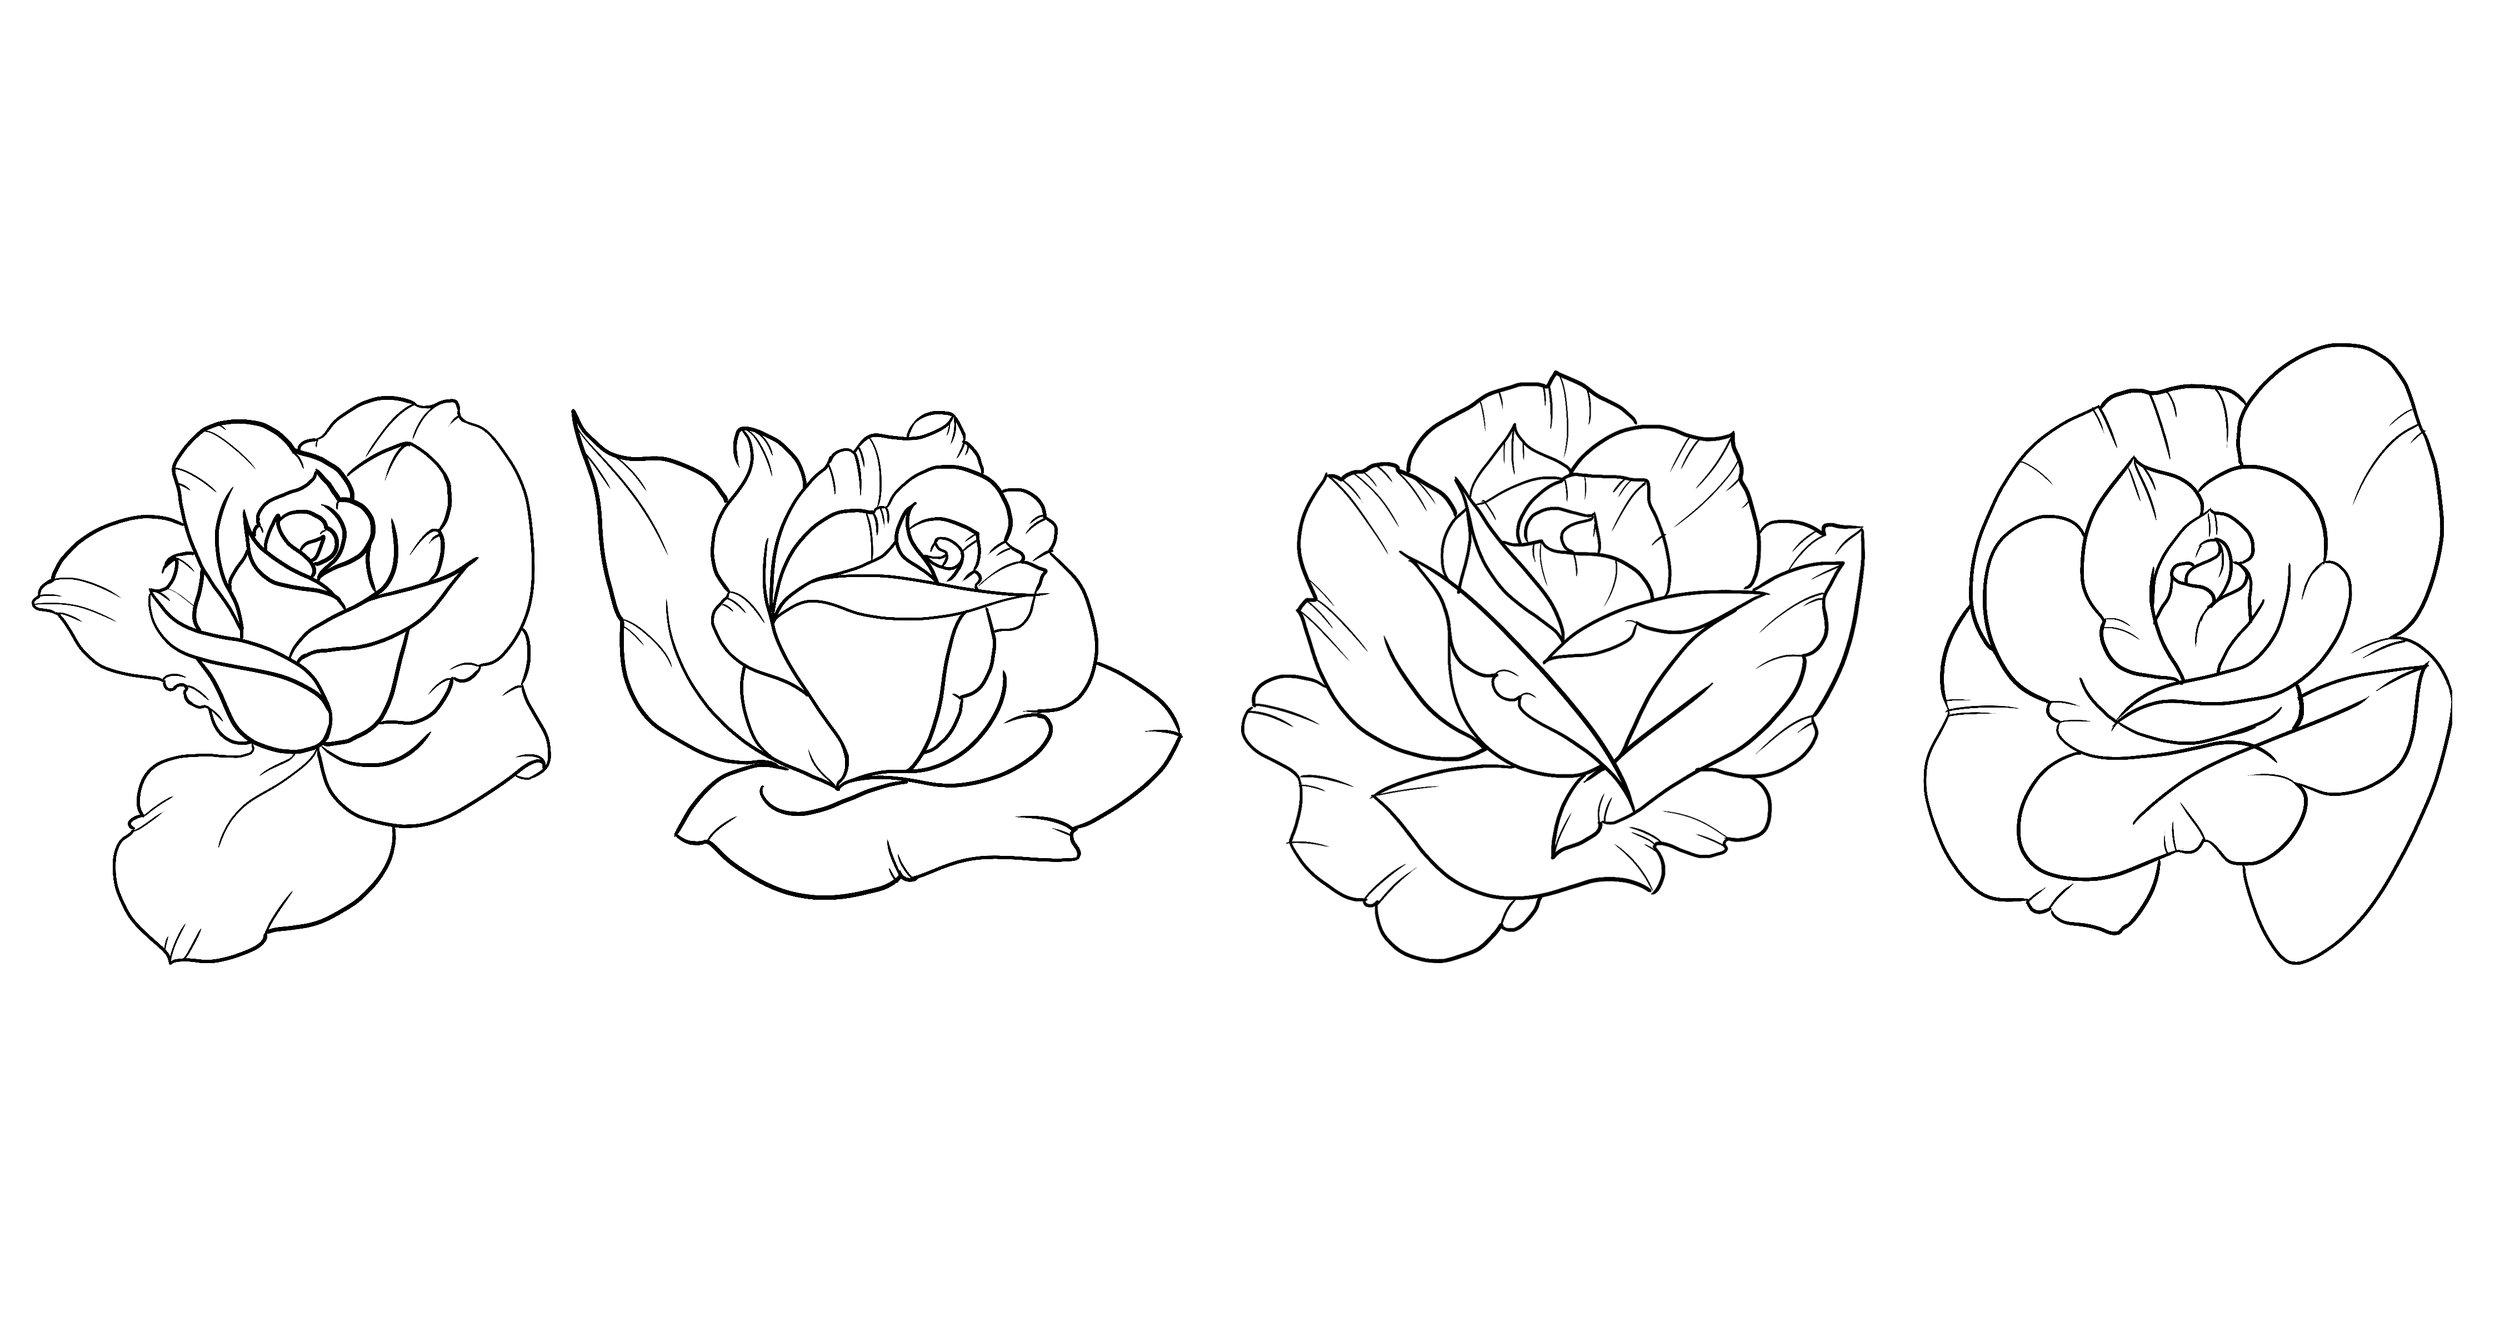 roseswaehfhwaeufh.jpg